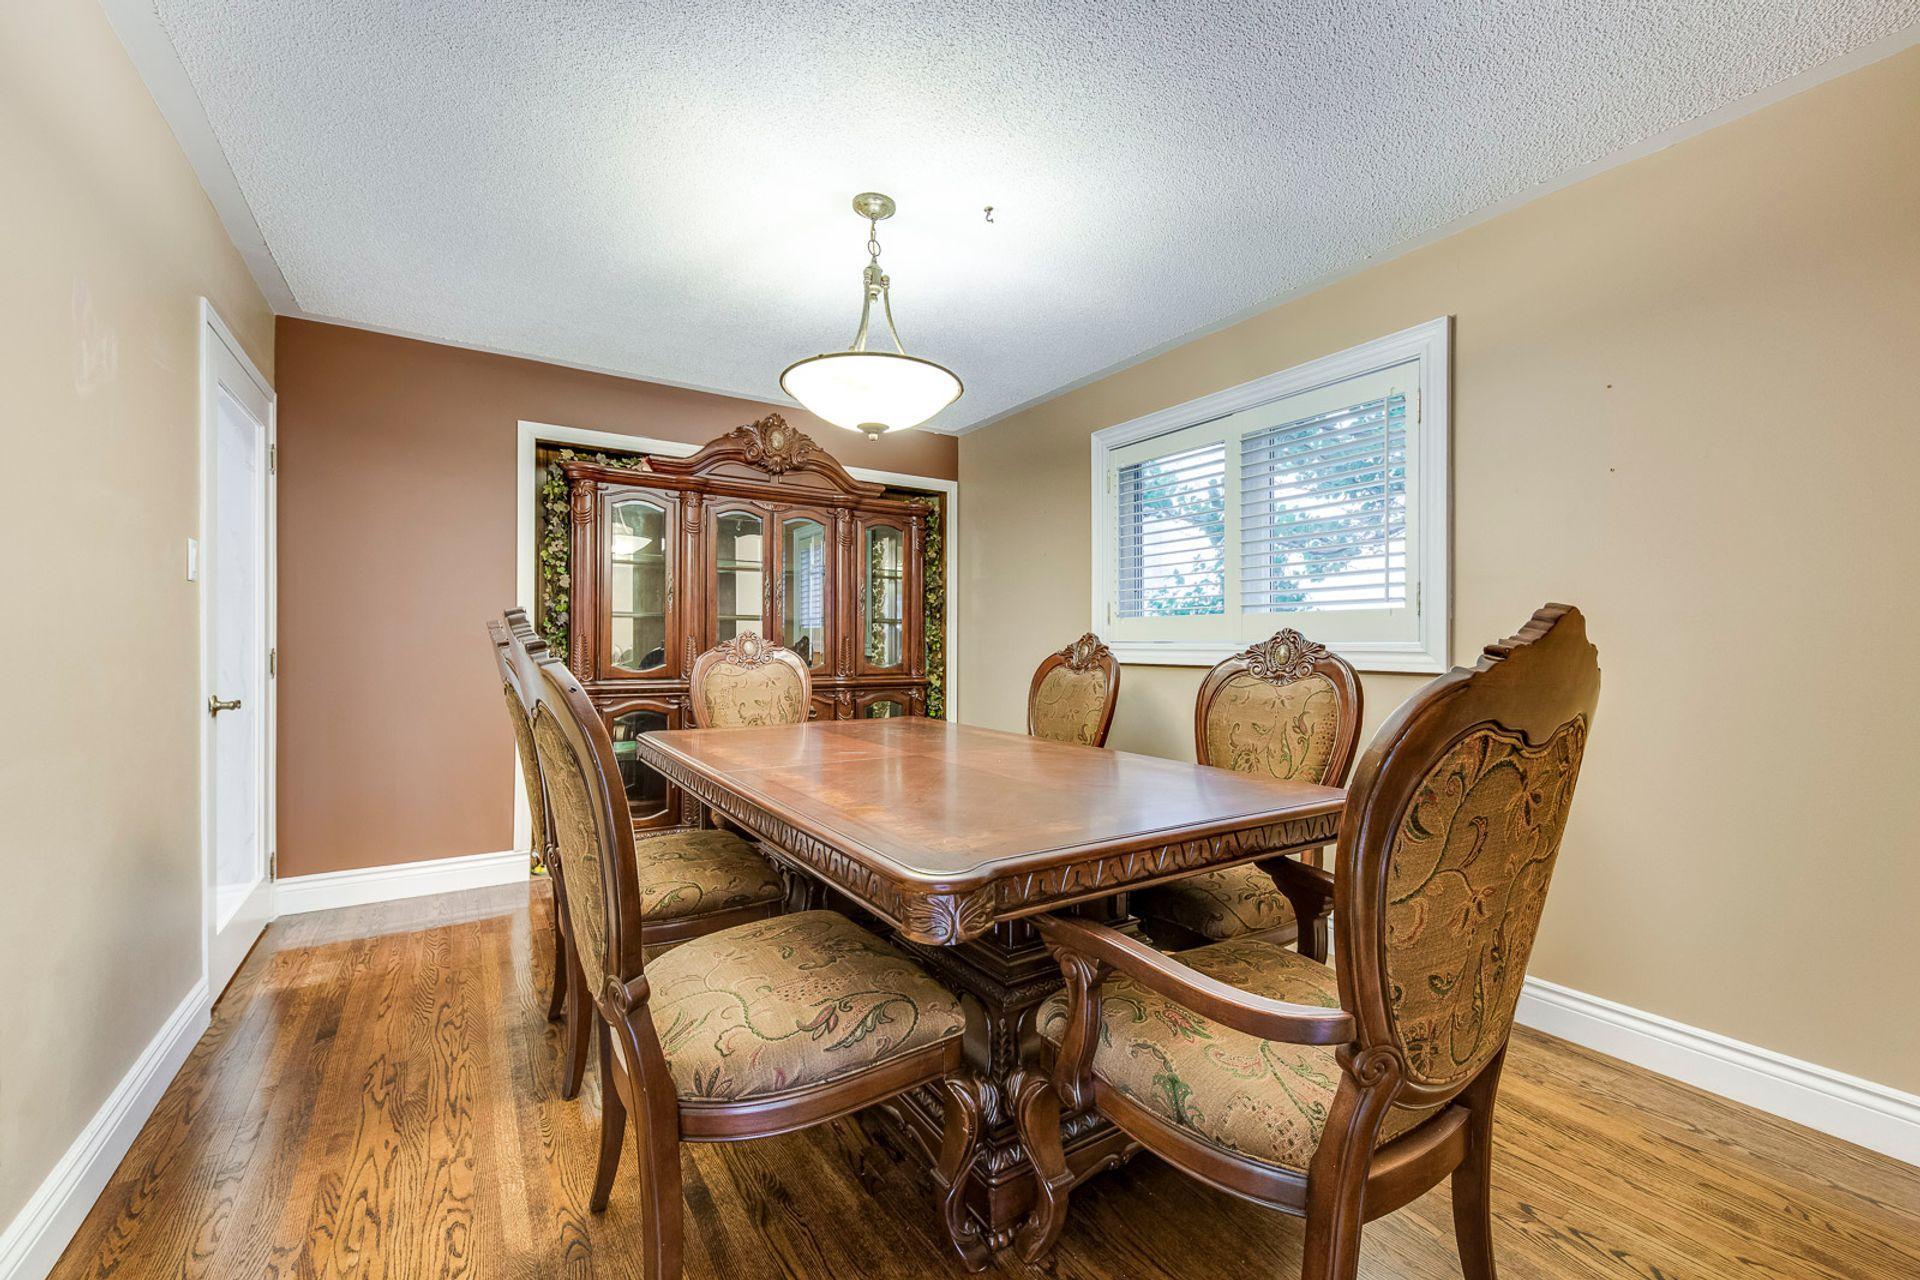 Dining Room - 1522 Estes Cres, Mississauga - Elite3 & Team at 1522 Estes Crescent, East Credit, Mississauga